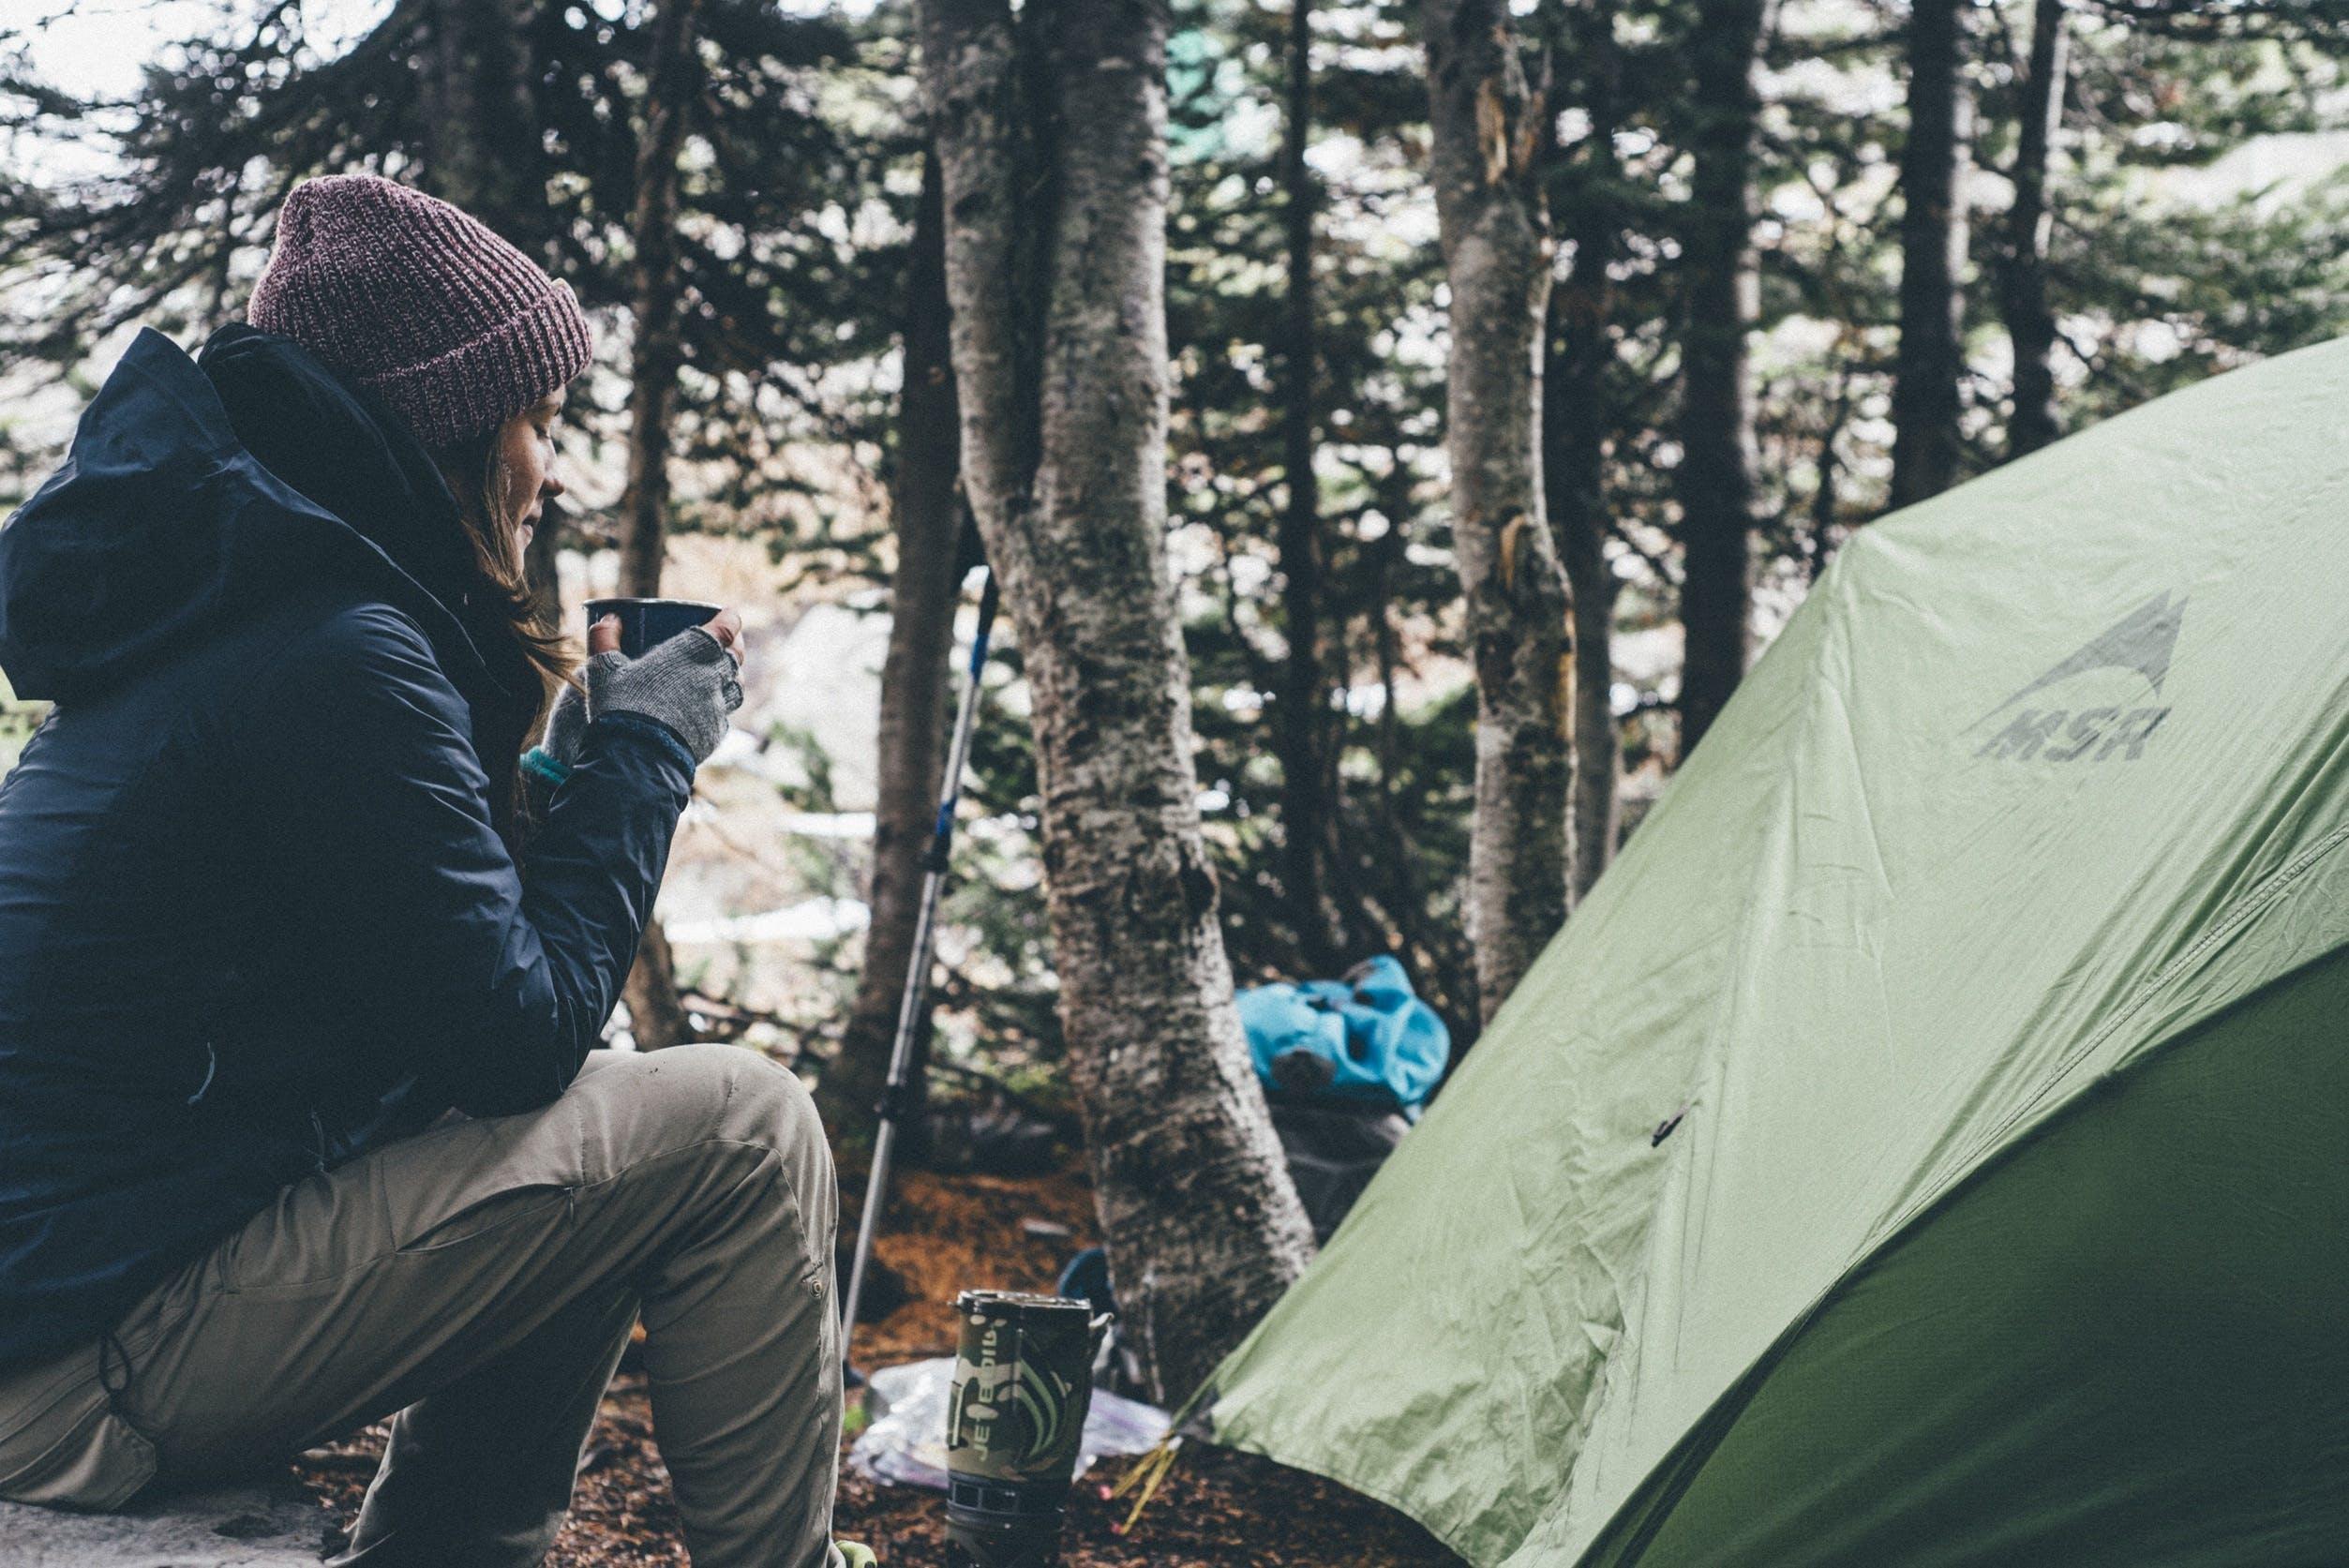 beanie, camping, gear